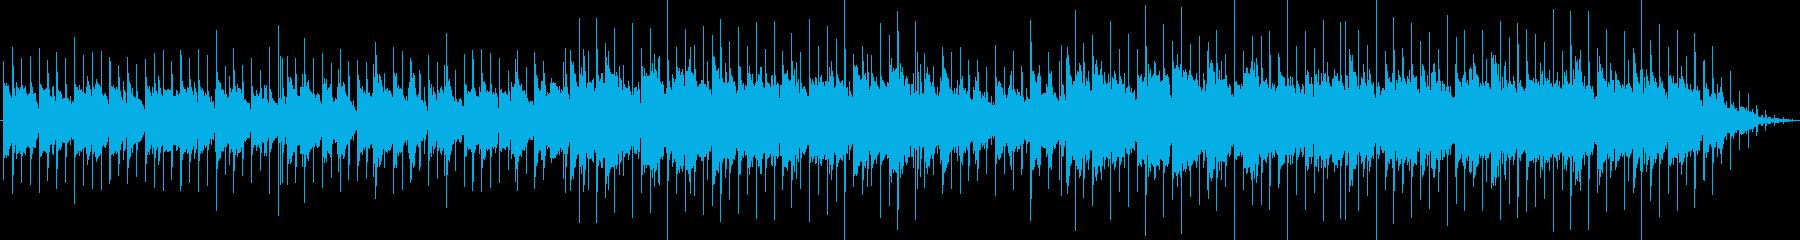 スロー。ピアノバー。ハーモニカ。の再生済みの波形